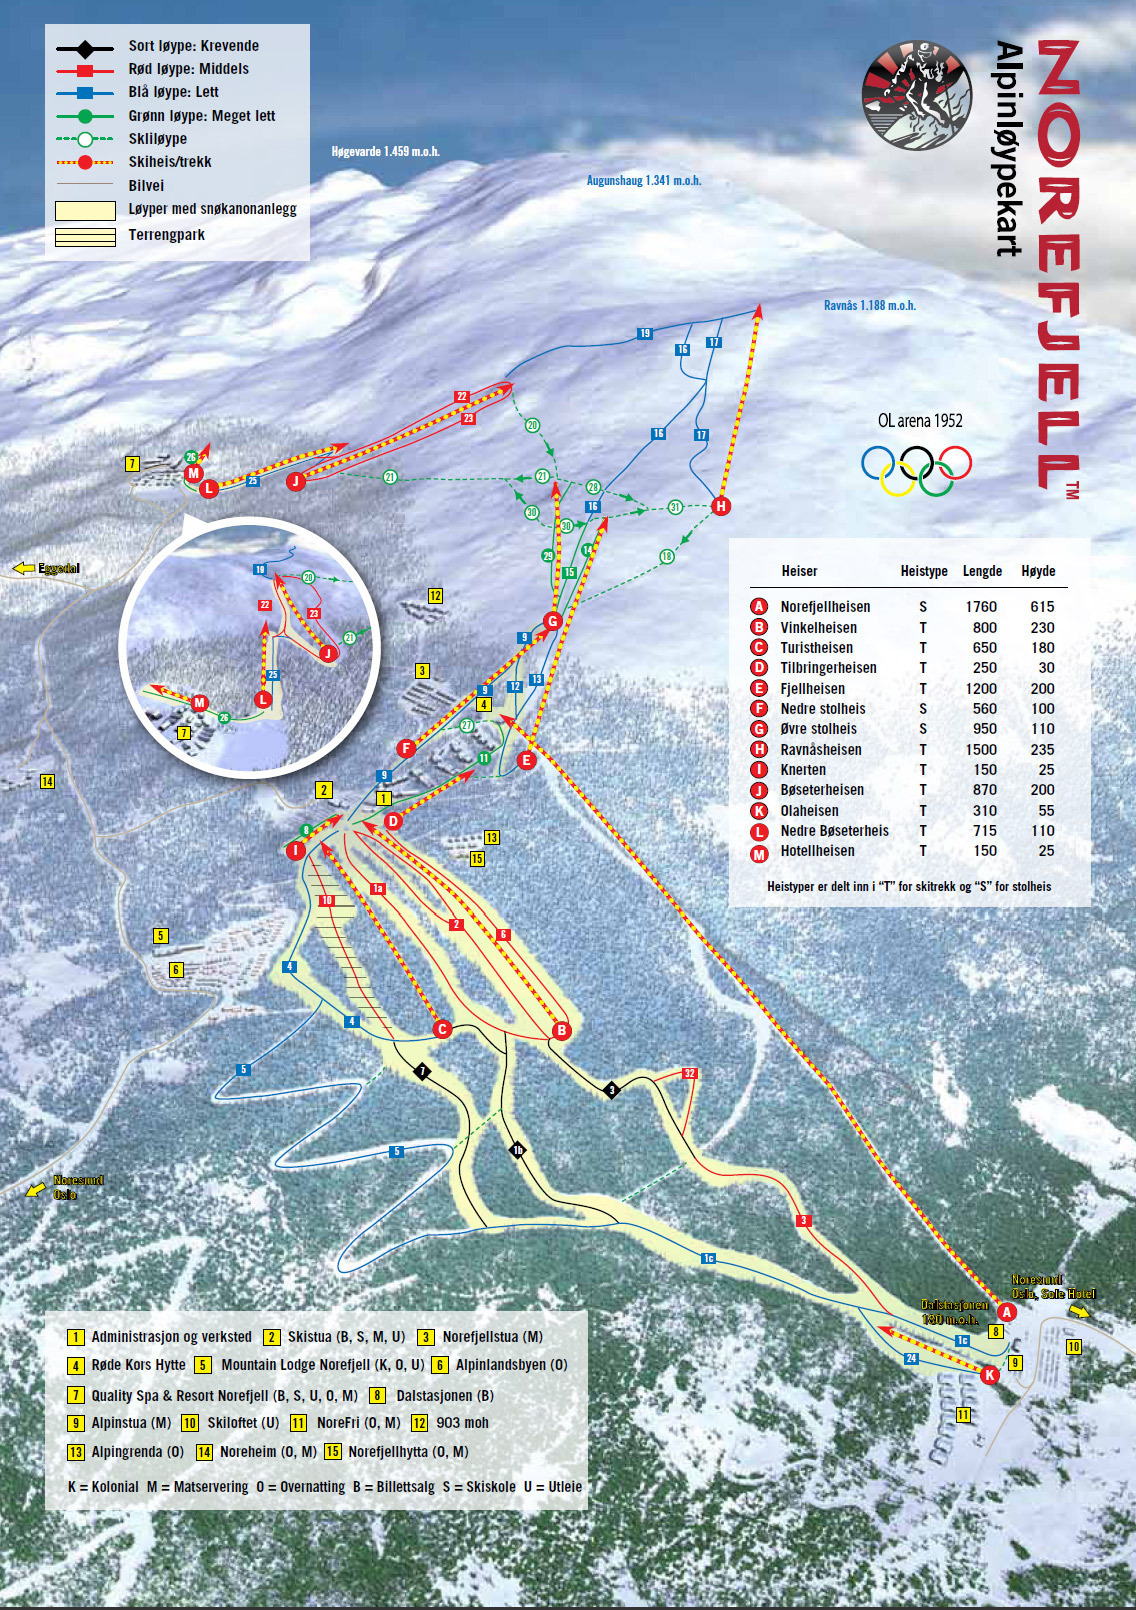 norefjell kart Skikart og løypekart for Norefjell   Skiinfo.no norefjell kart